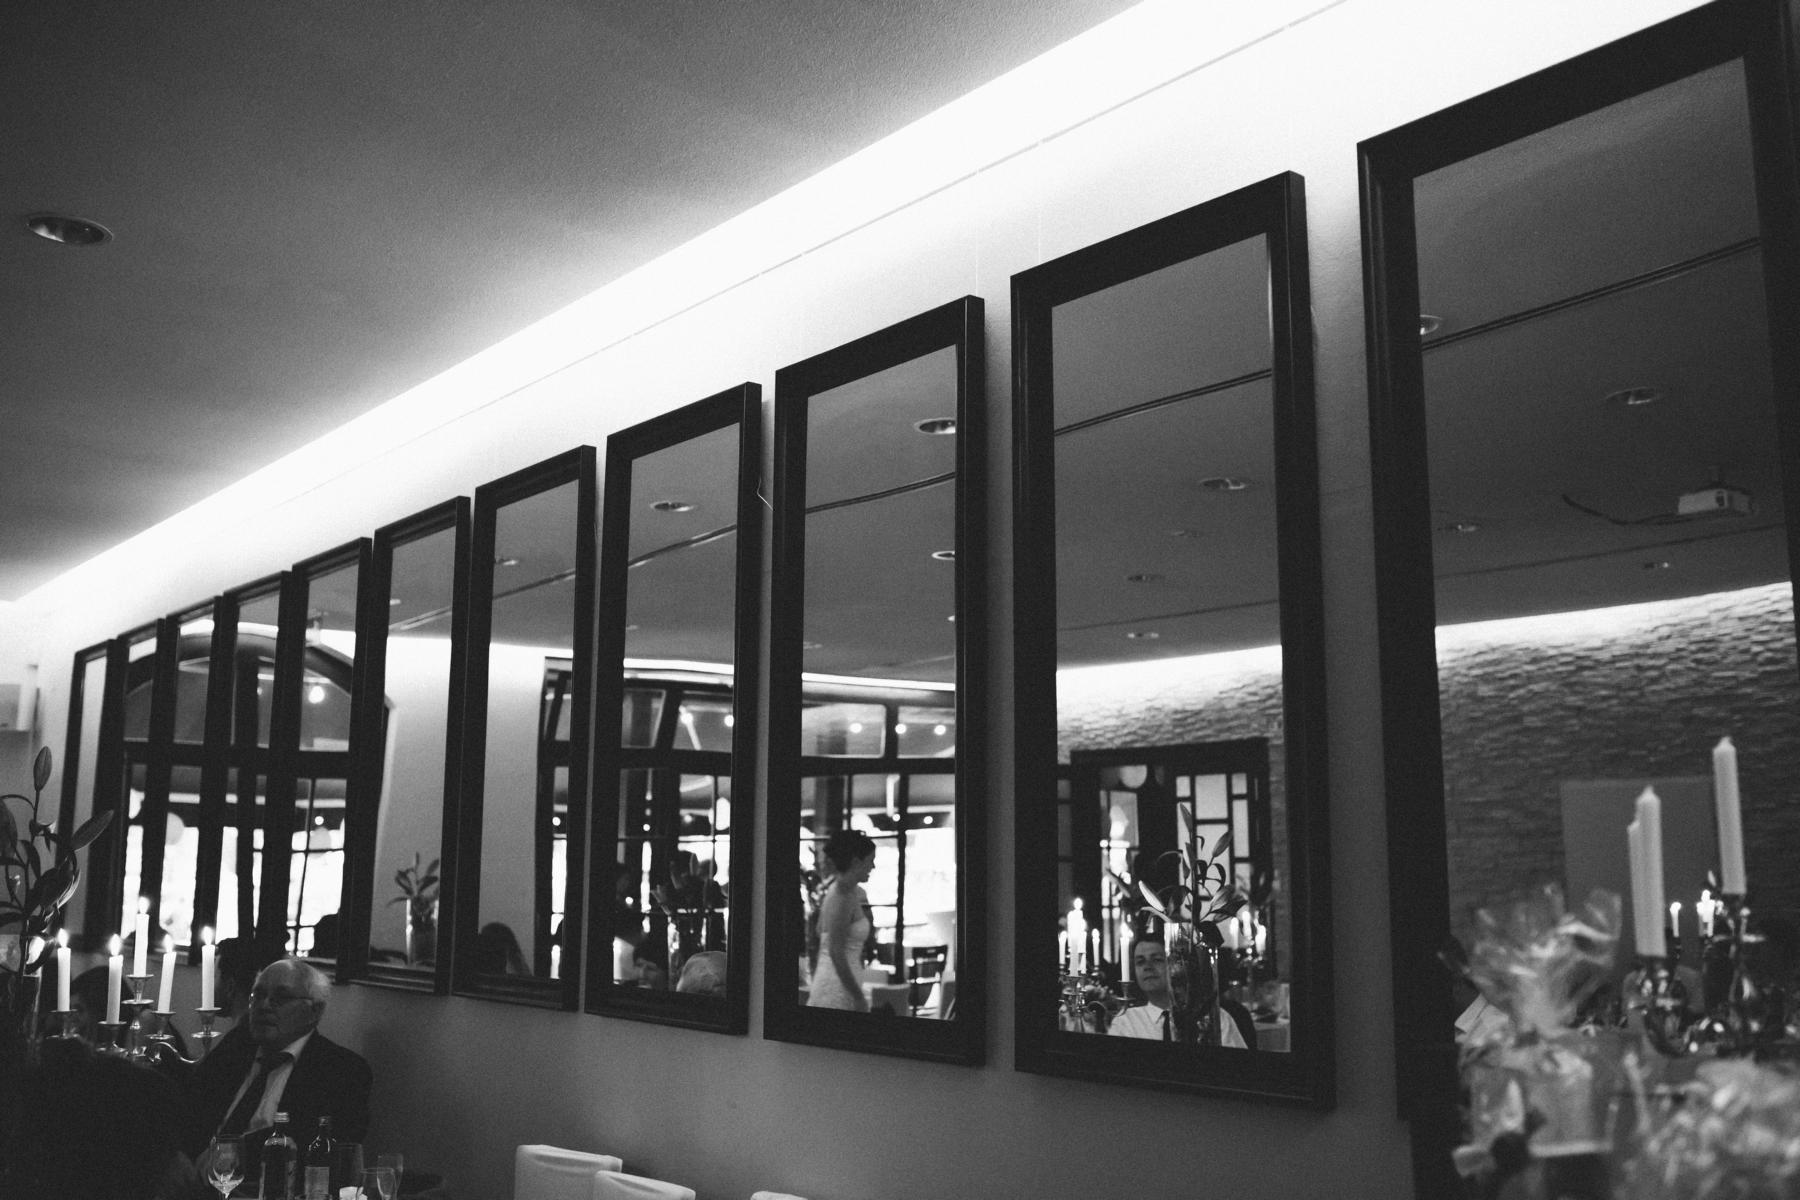 Spiegelwand in der Luise Dahlem bei einer Hochzeitsfeier in Berlin